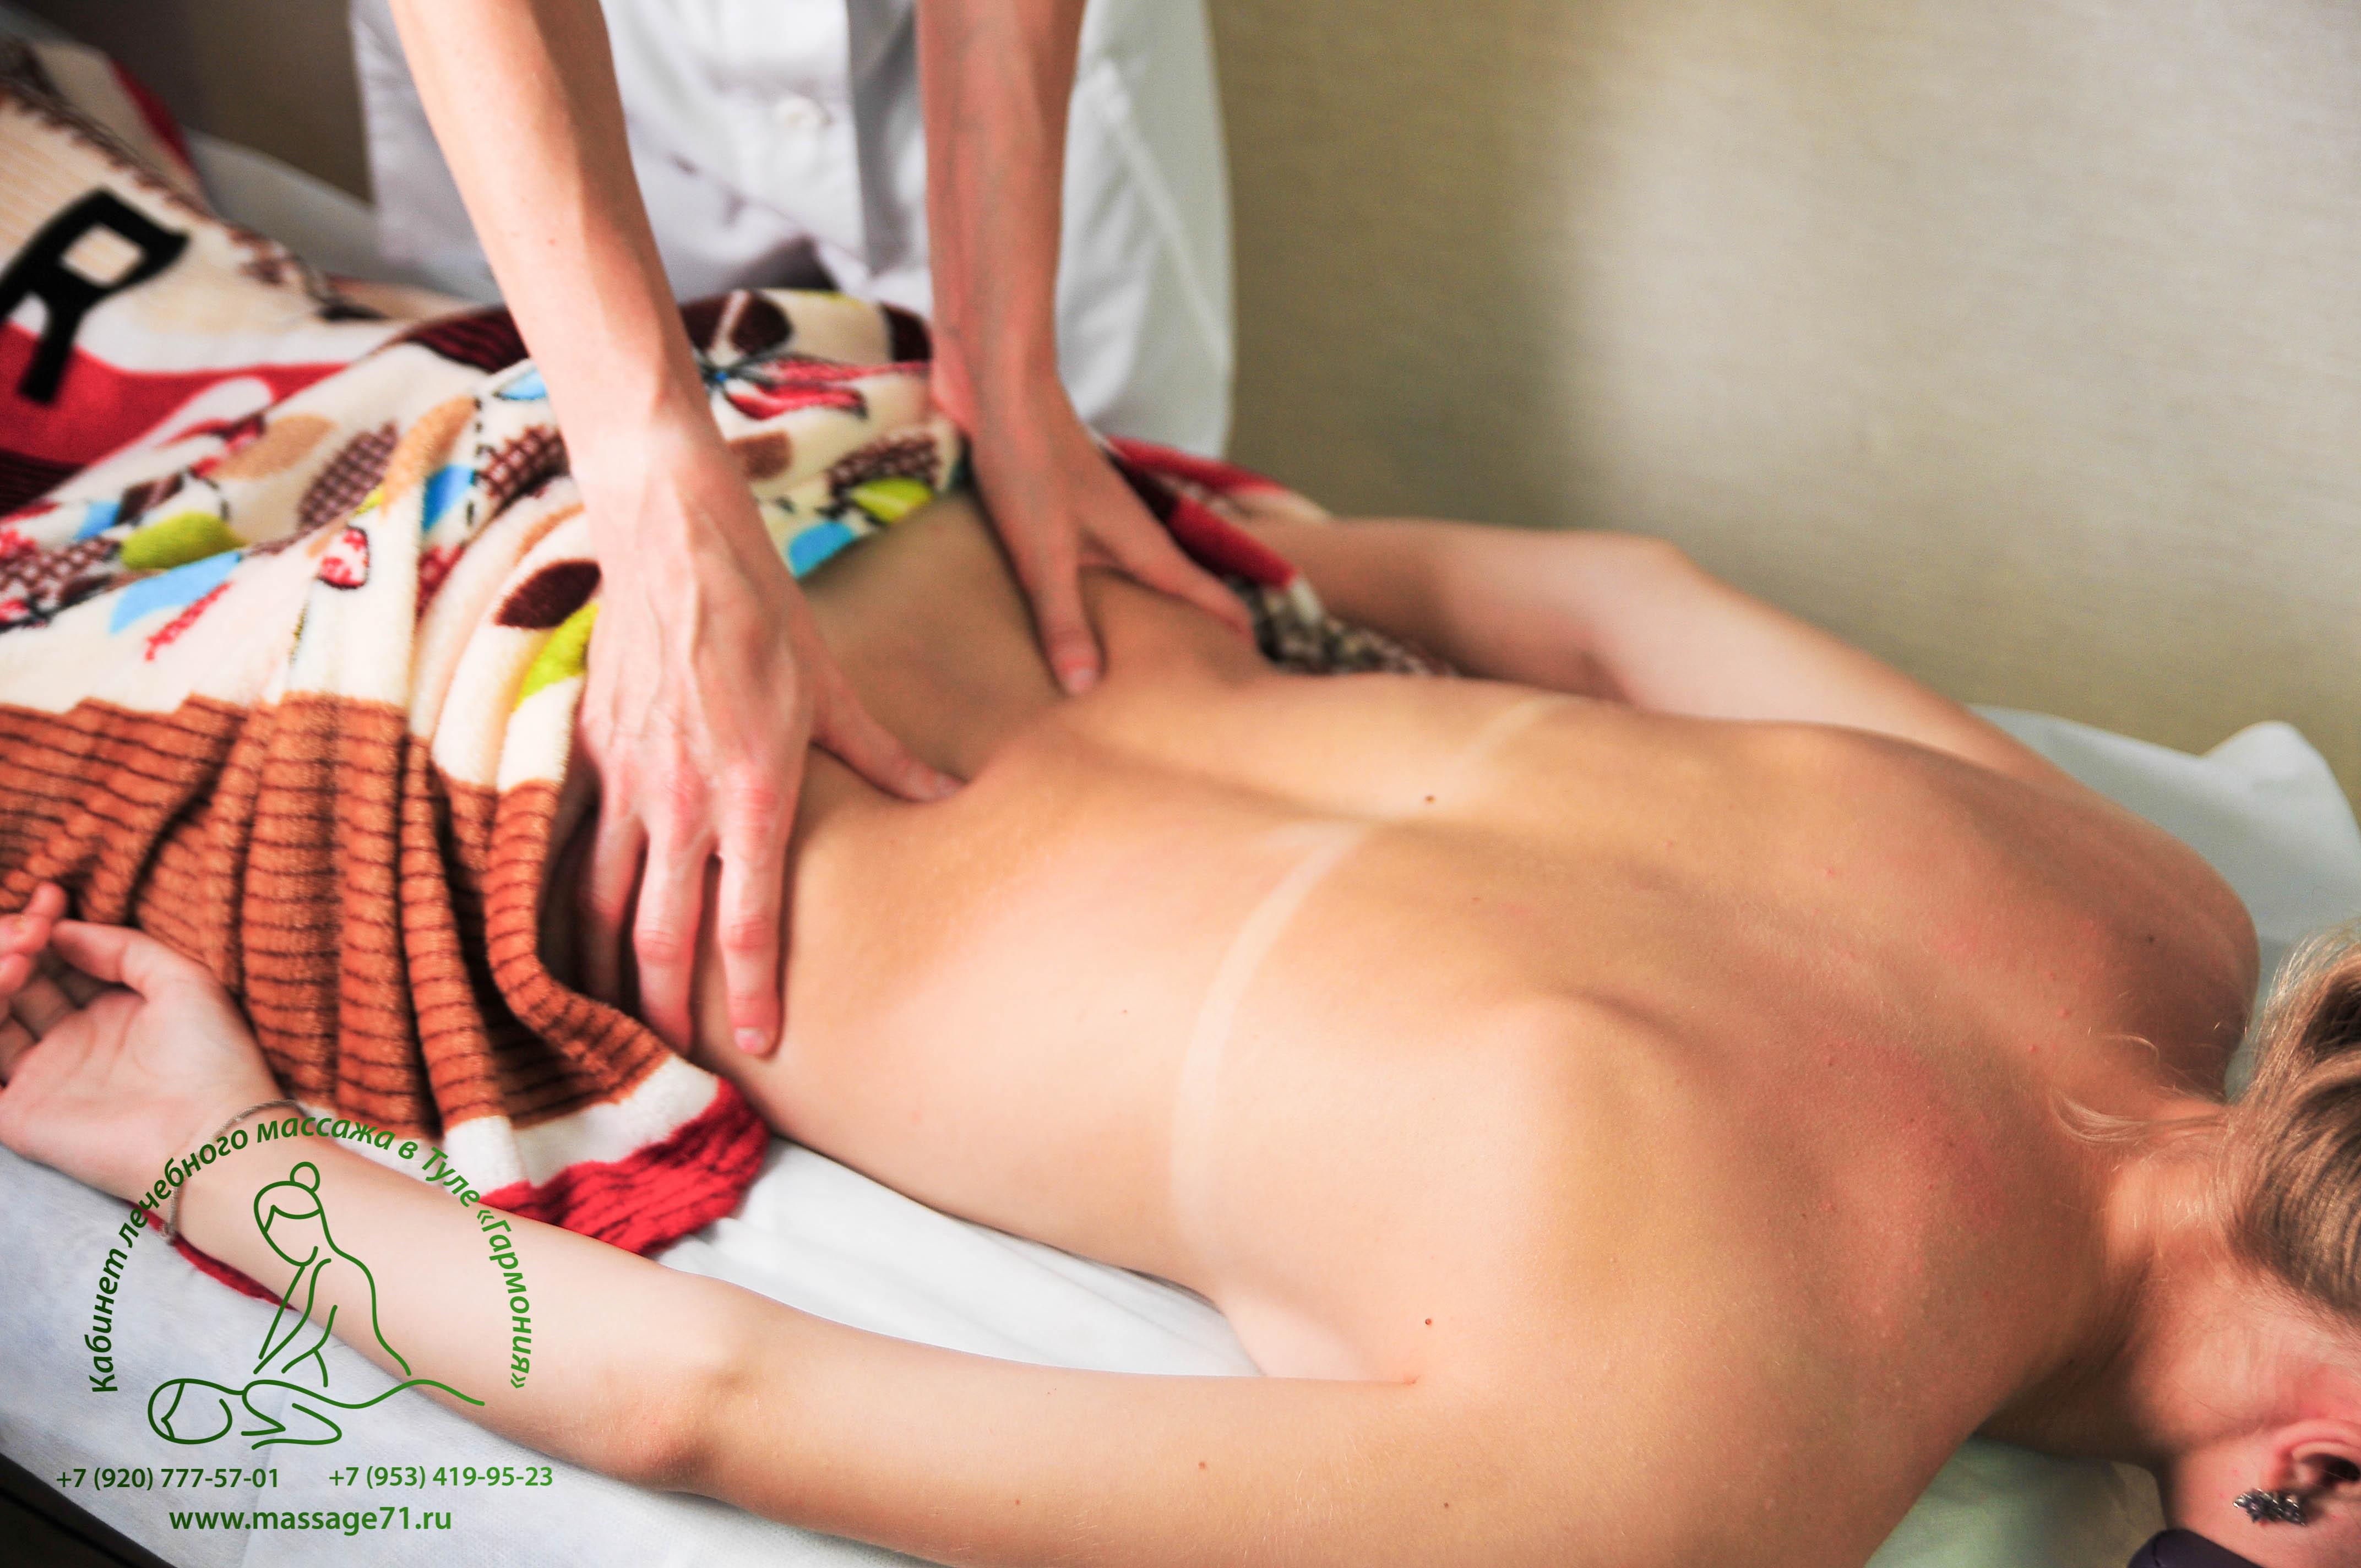 Урологический массаж от трансвестита м домодедовская 15 фотография